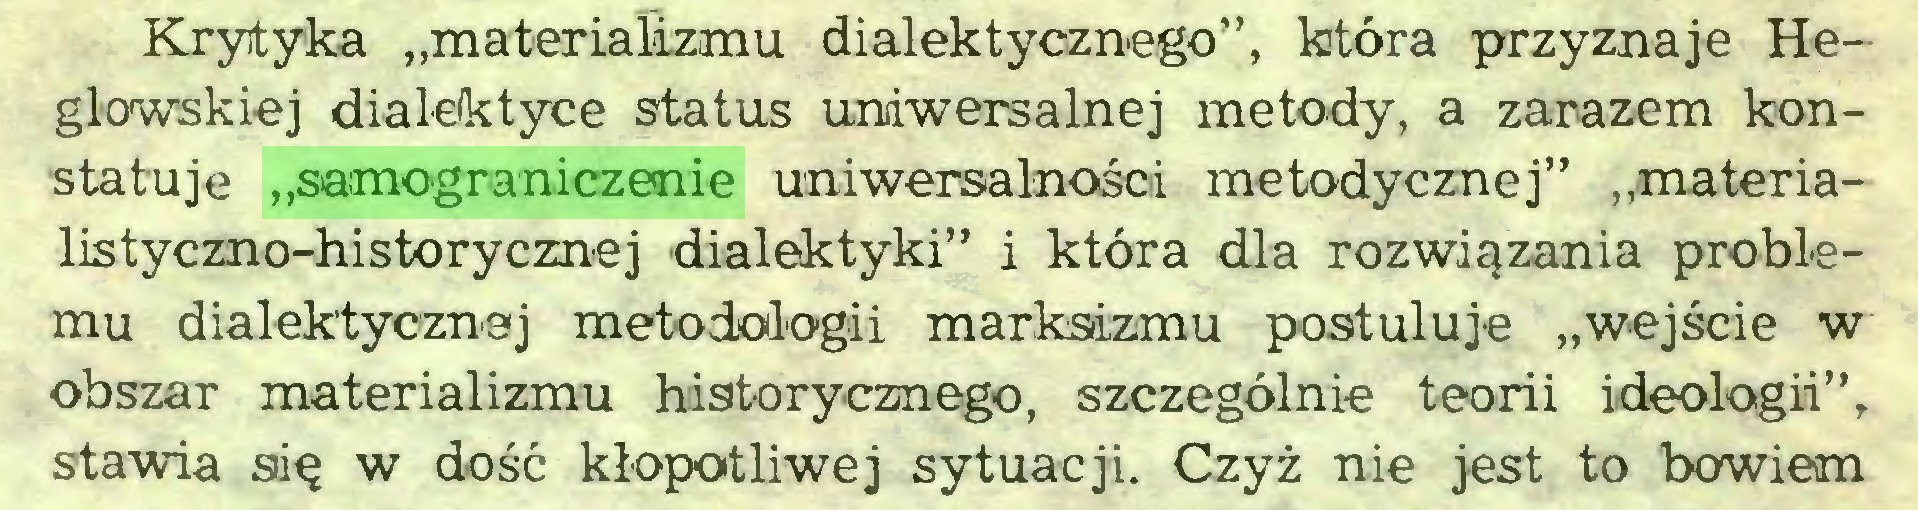 """(...) Krytyka """"materializmu dialektycznego"""", która przyznaje Heglowskiej dialektyce status uniwersalnej metody, a zarazem konstatuje """"samograniczenie uniwersalności metodycznej"""" """"materialistyczno-historycznej dialektyki"""" i która dla rozwiązania problemu dialektycznej metodologii marksizmu postuluje """"wejście w obszar materializmu historycznego, szczególnie teorii ideologii"""", stawia się w dość kłopotliwej sytuacji. Czyż nie jest to bowiem..."""